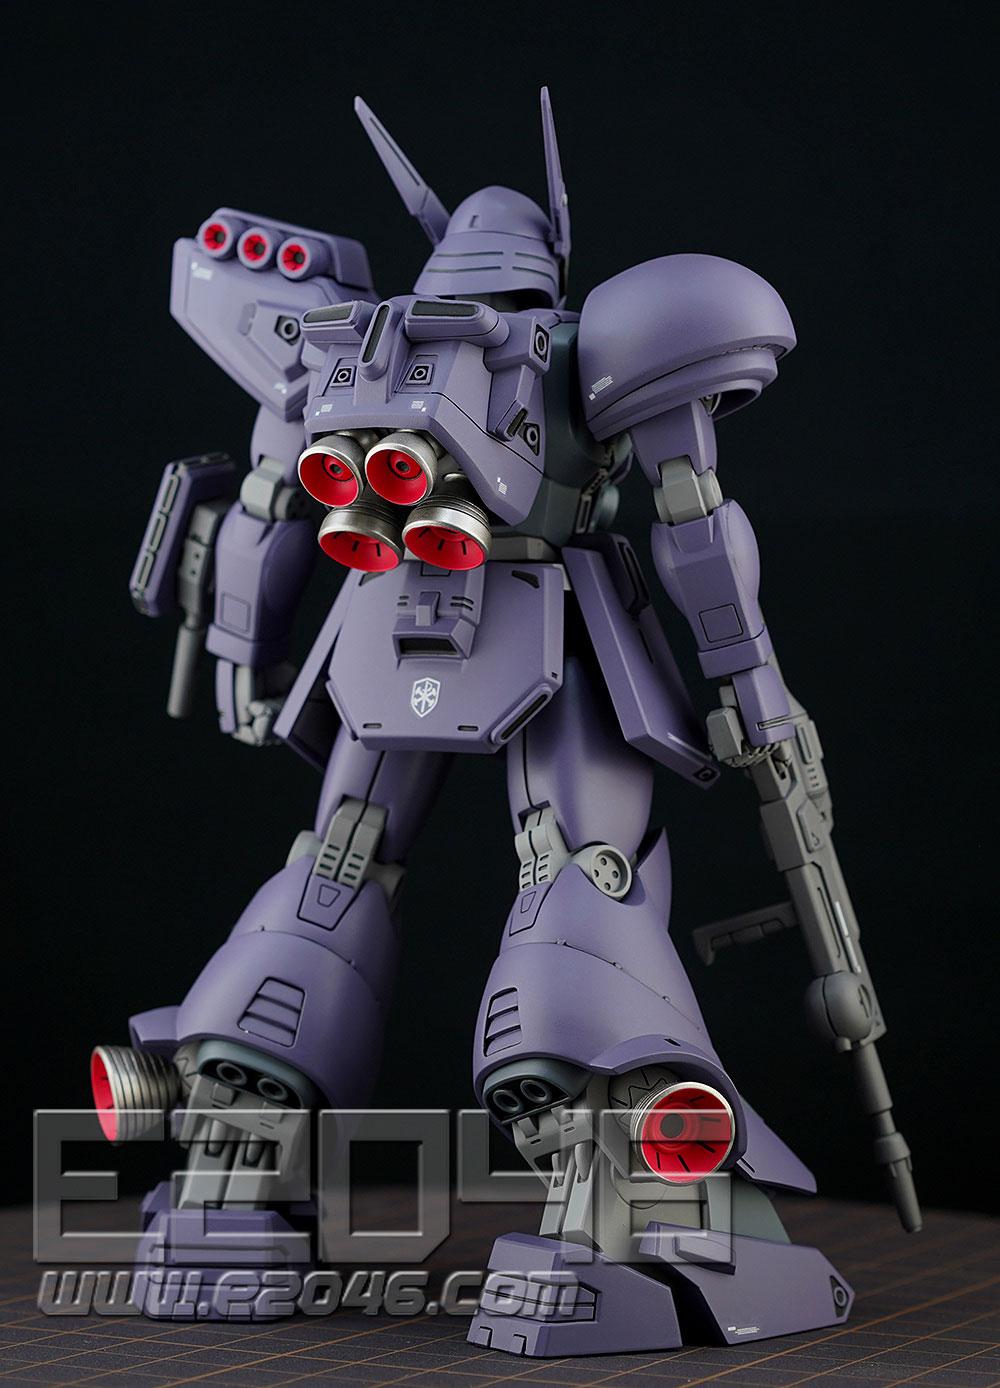 E2046 Com 德南格 钢弹 F91 系列 Rt3548 Gundam Resin Kit Japanese Names